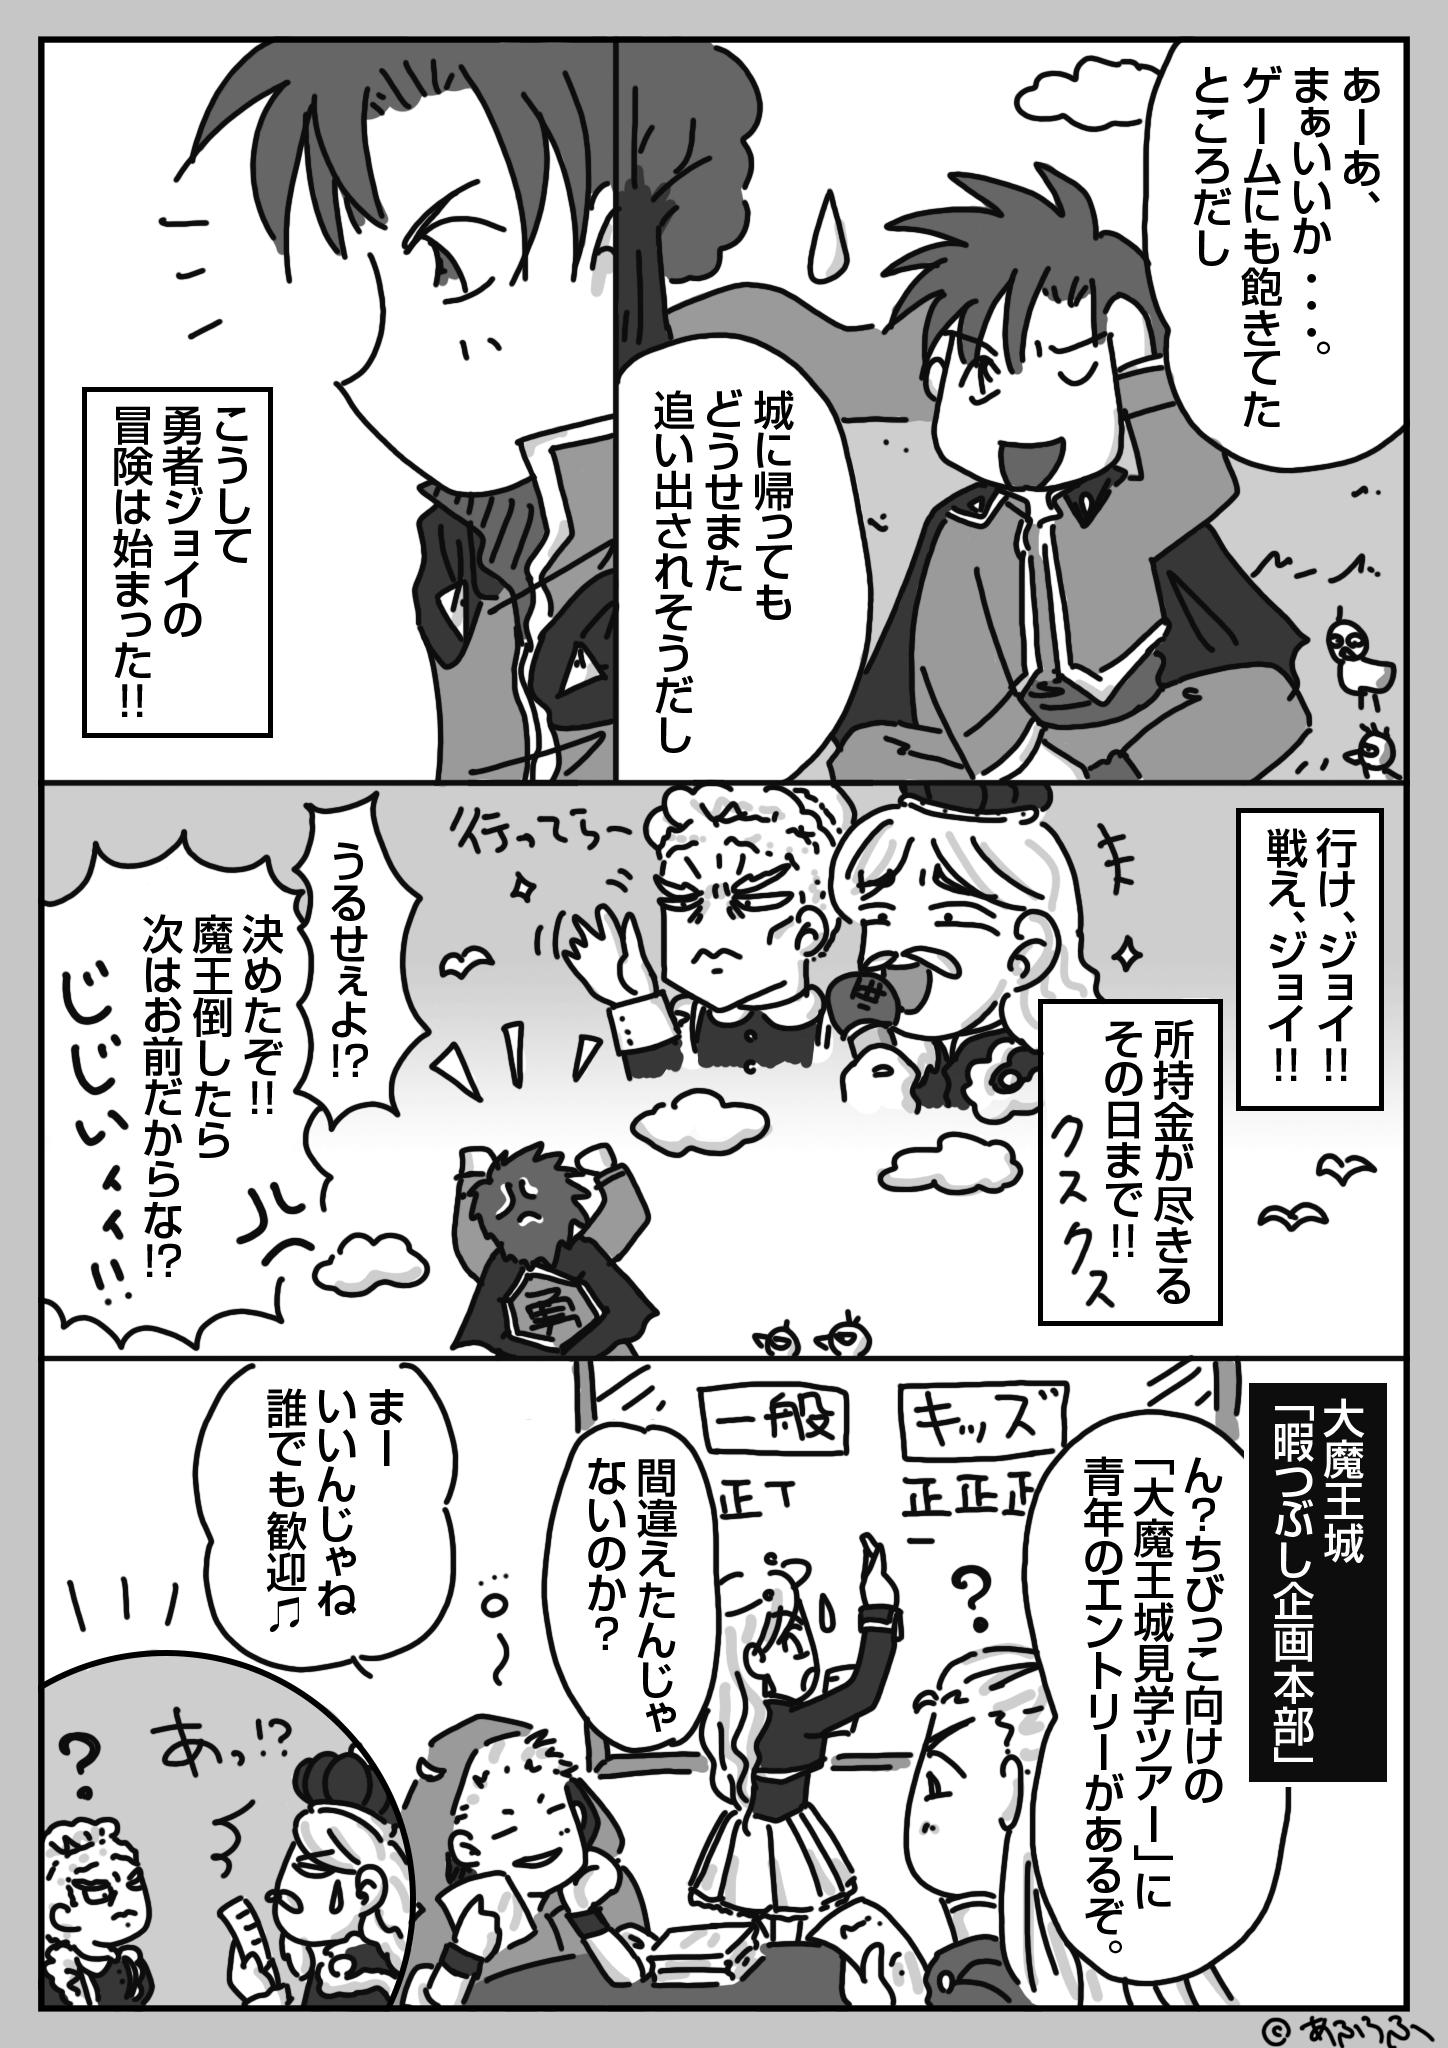 2話(7)『Say YES to new adventures! 〜追い出された勇者〜』